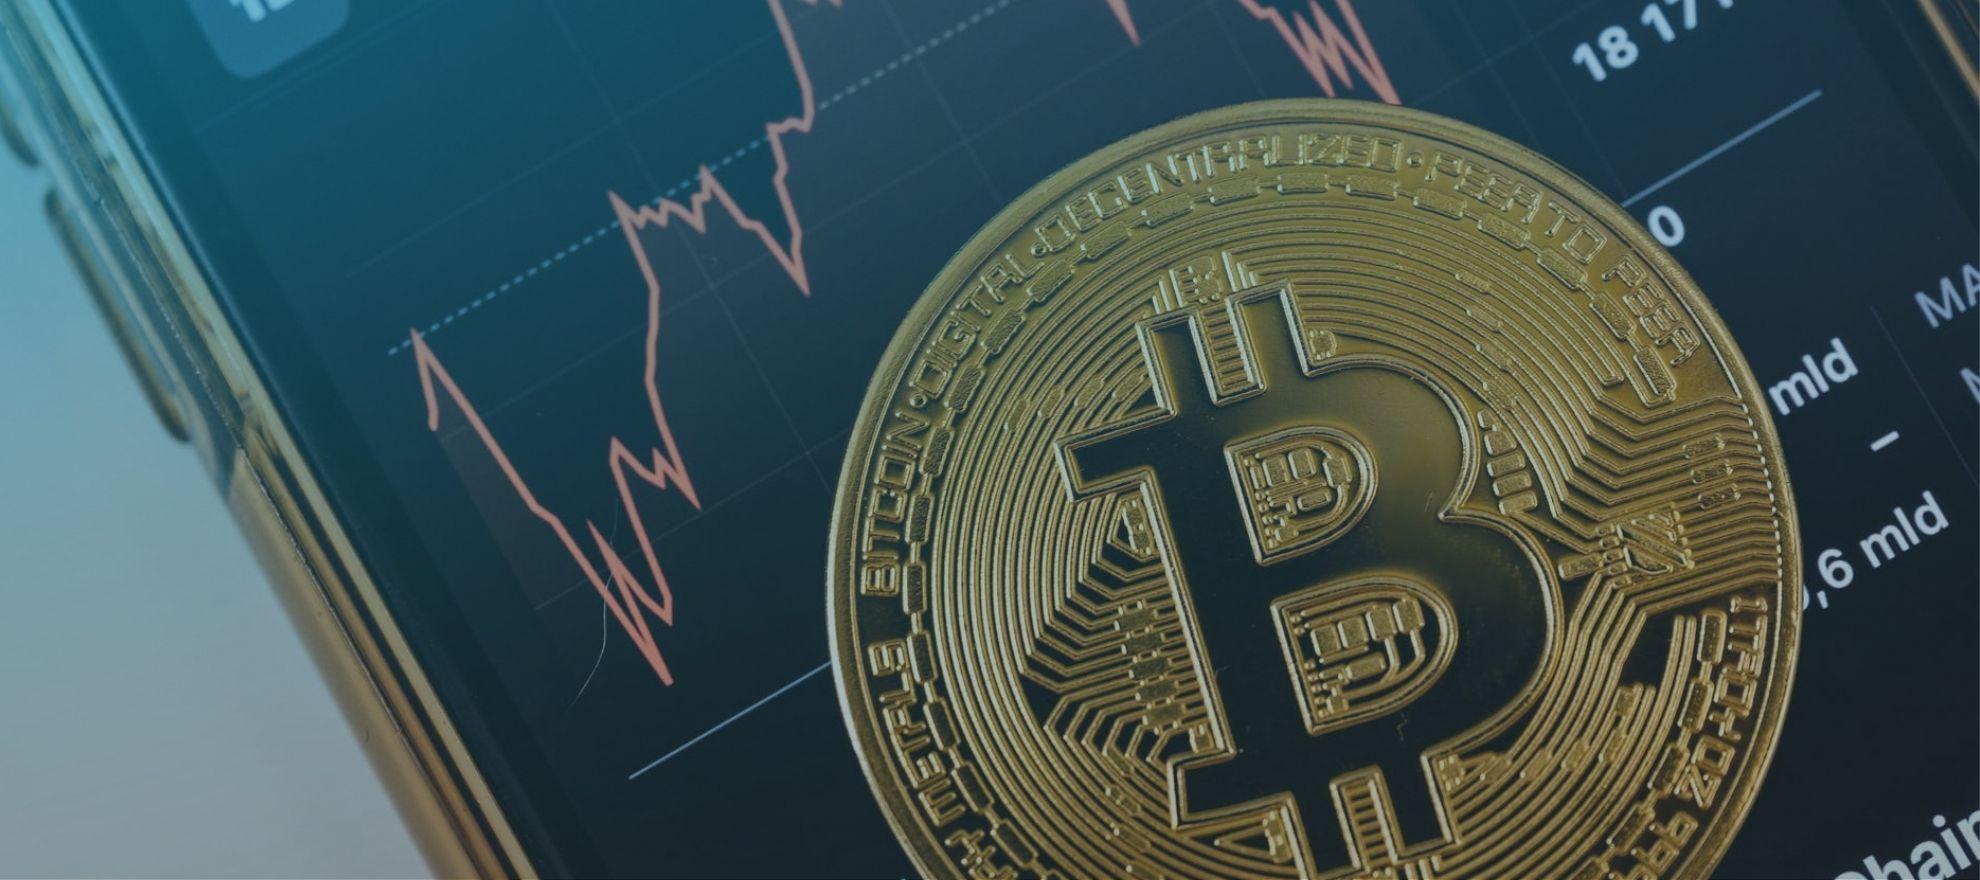 mestres do bitcoin curso